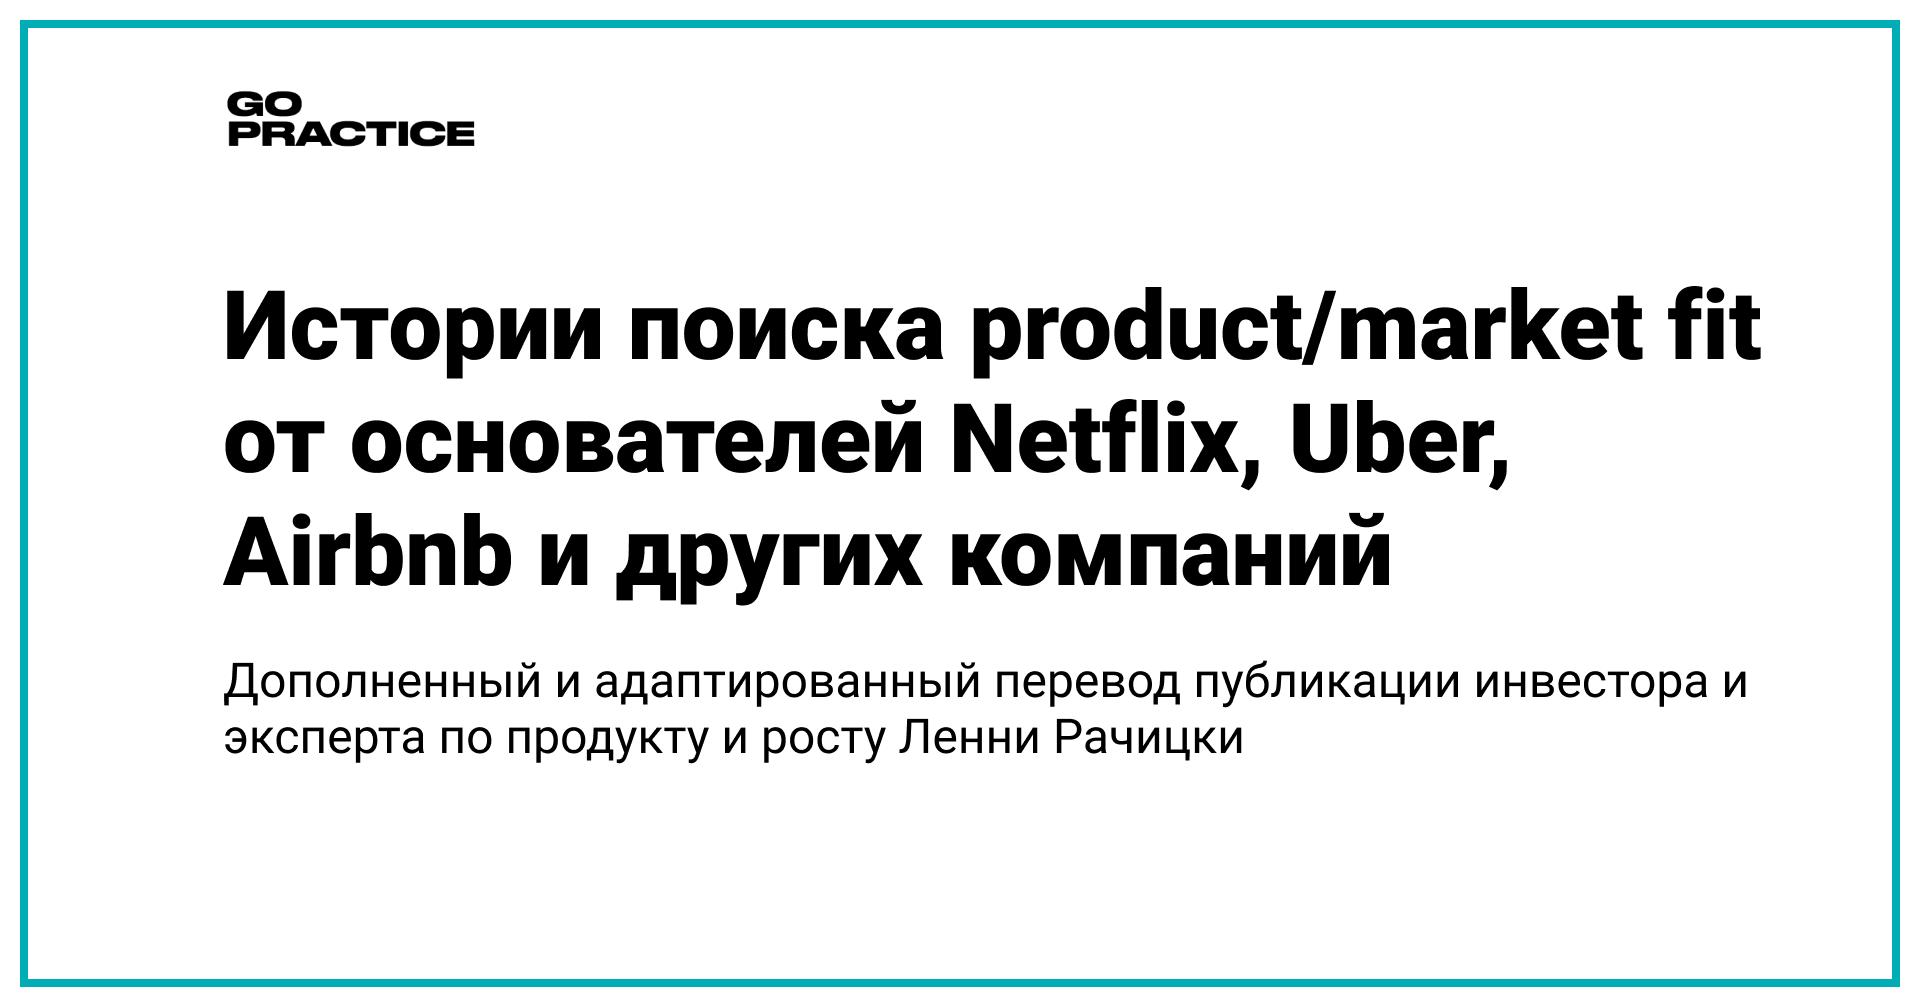 Истории поиска product/market fit от основателей Netflix, Uber, Airbnb и других успешных компаний